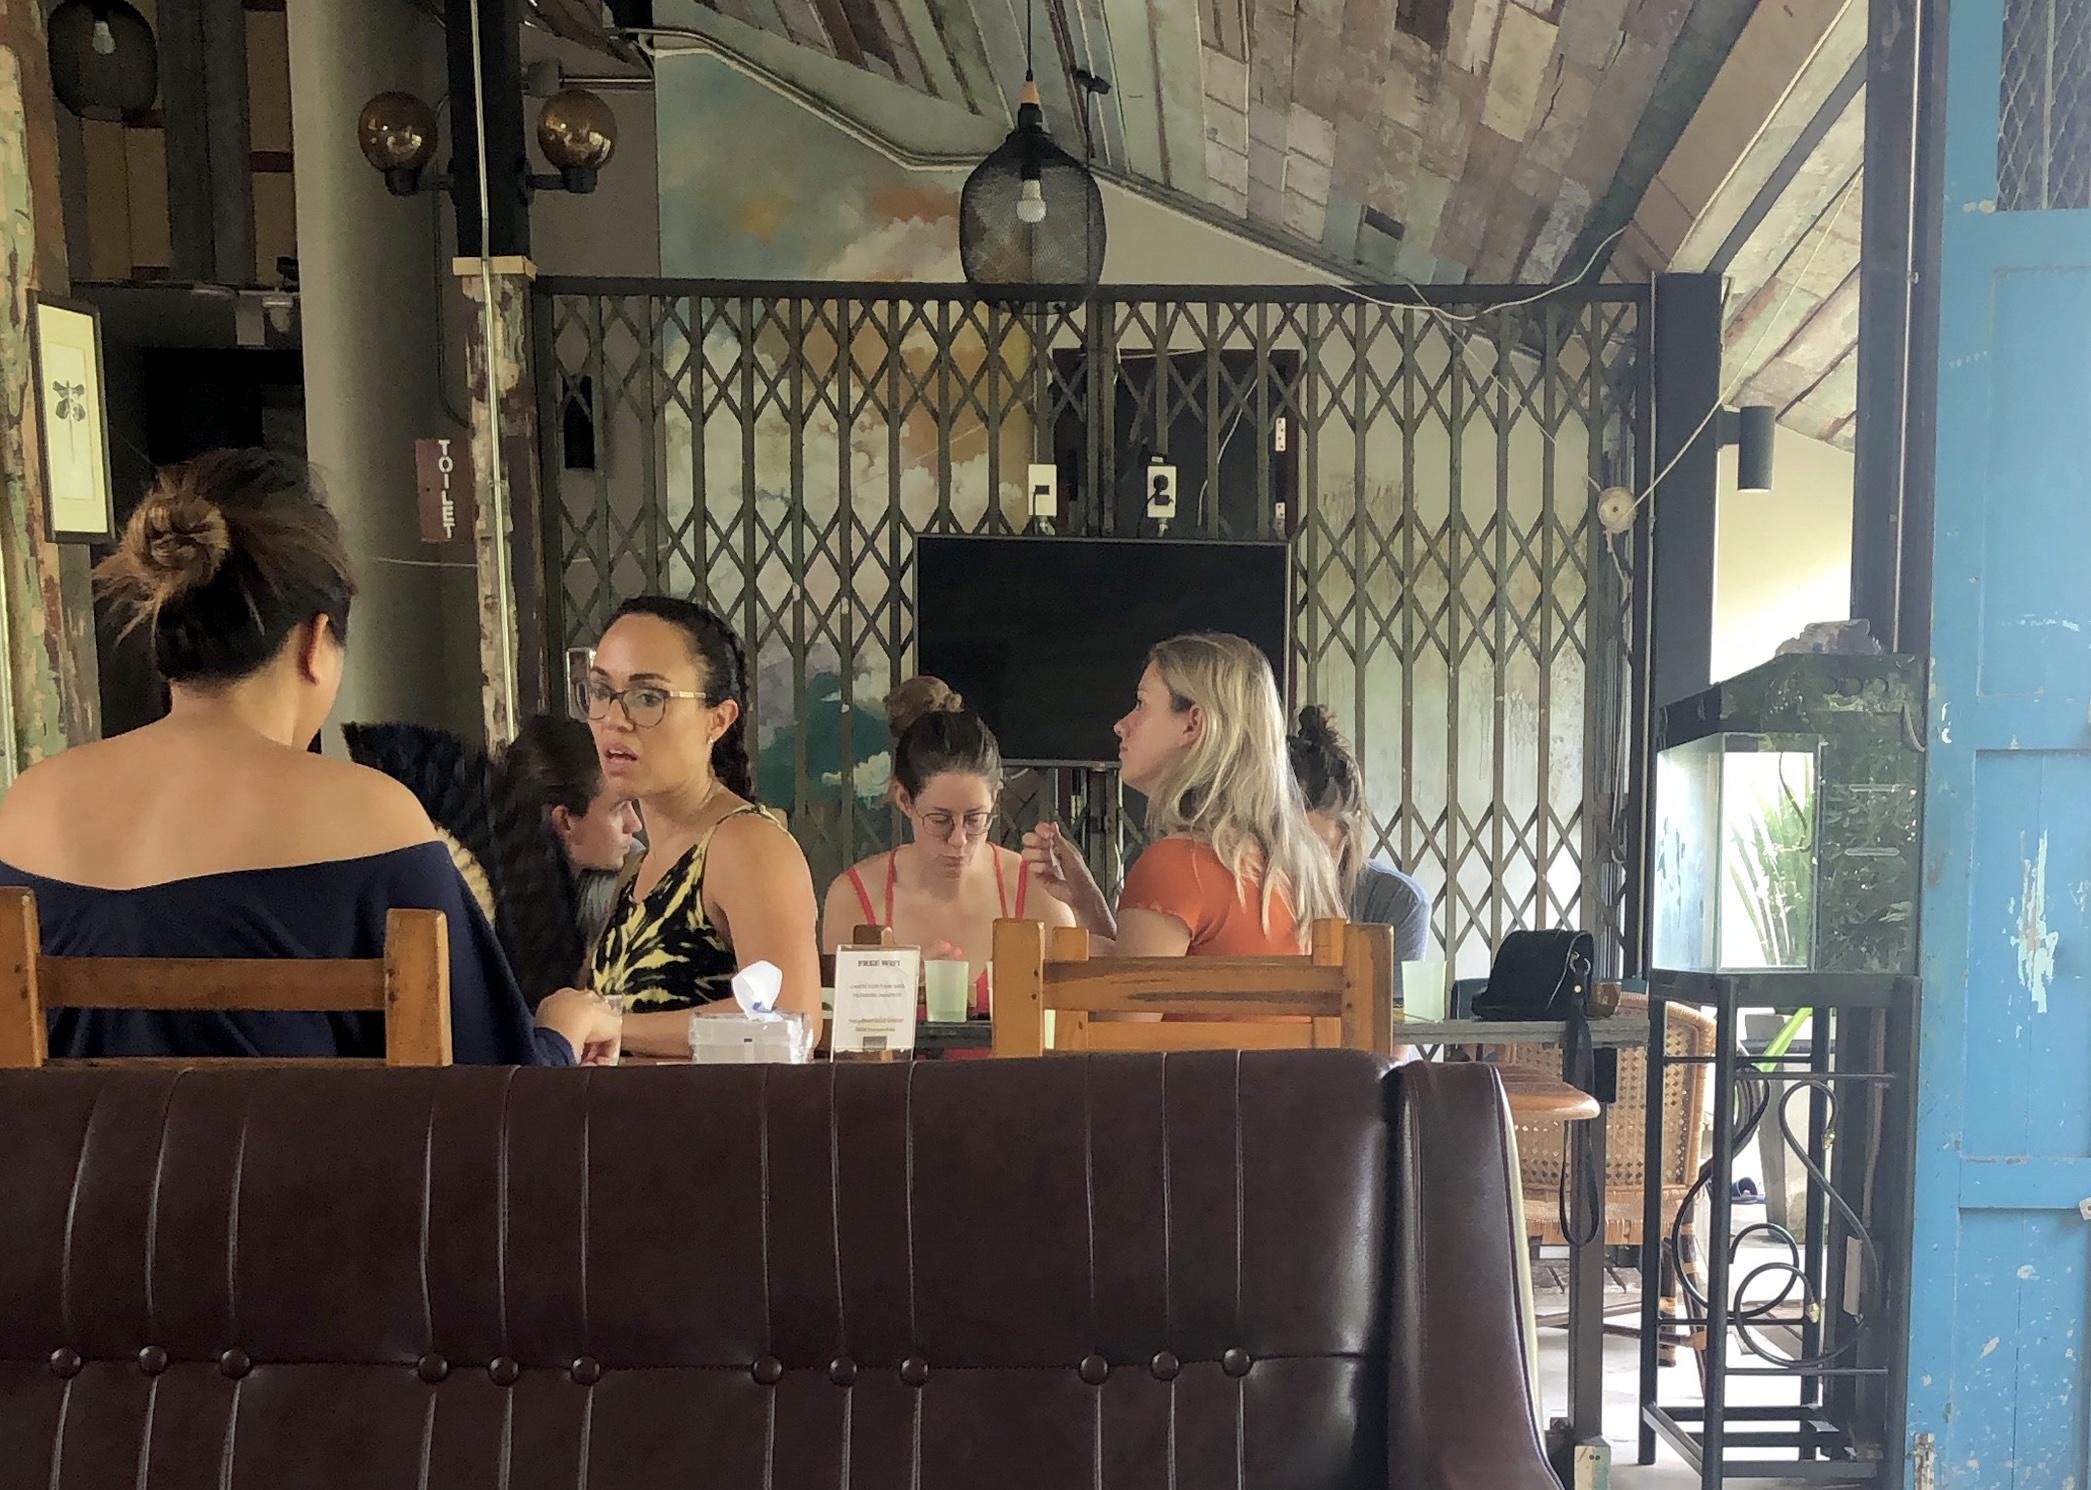 تجربه اقامت در ۳ هاستل در سفر به تایلند